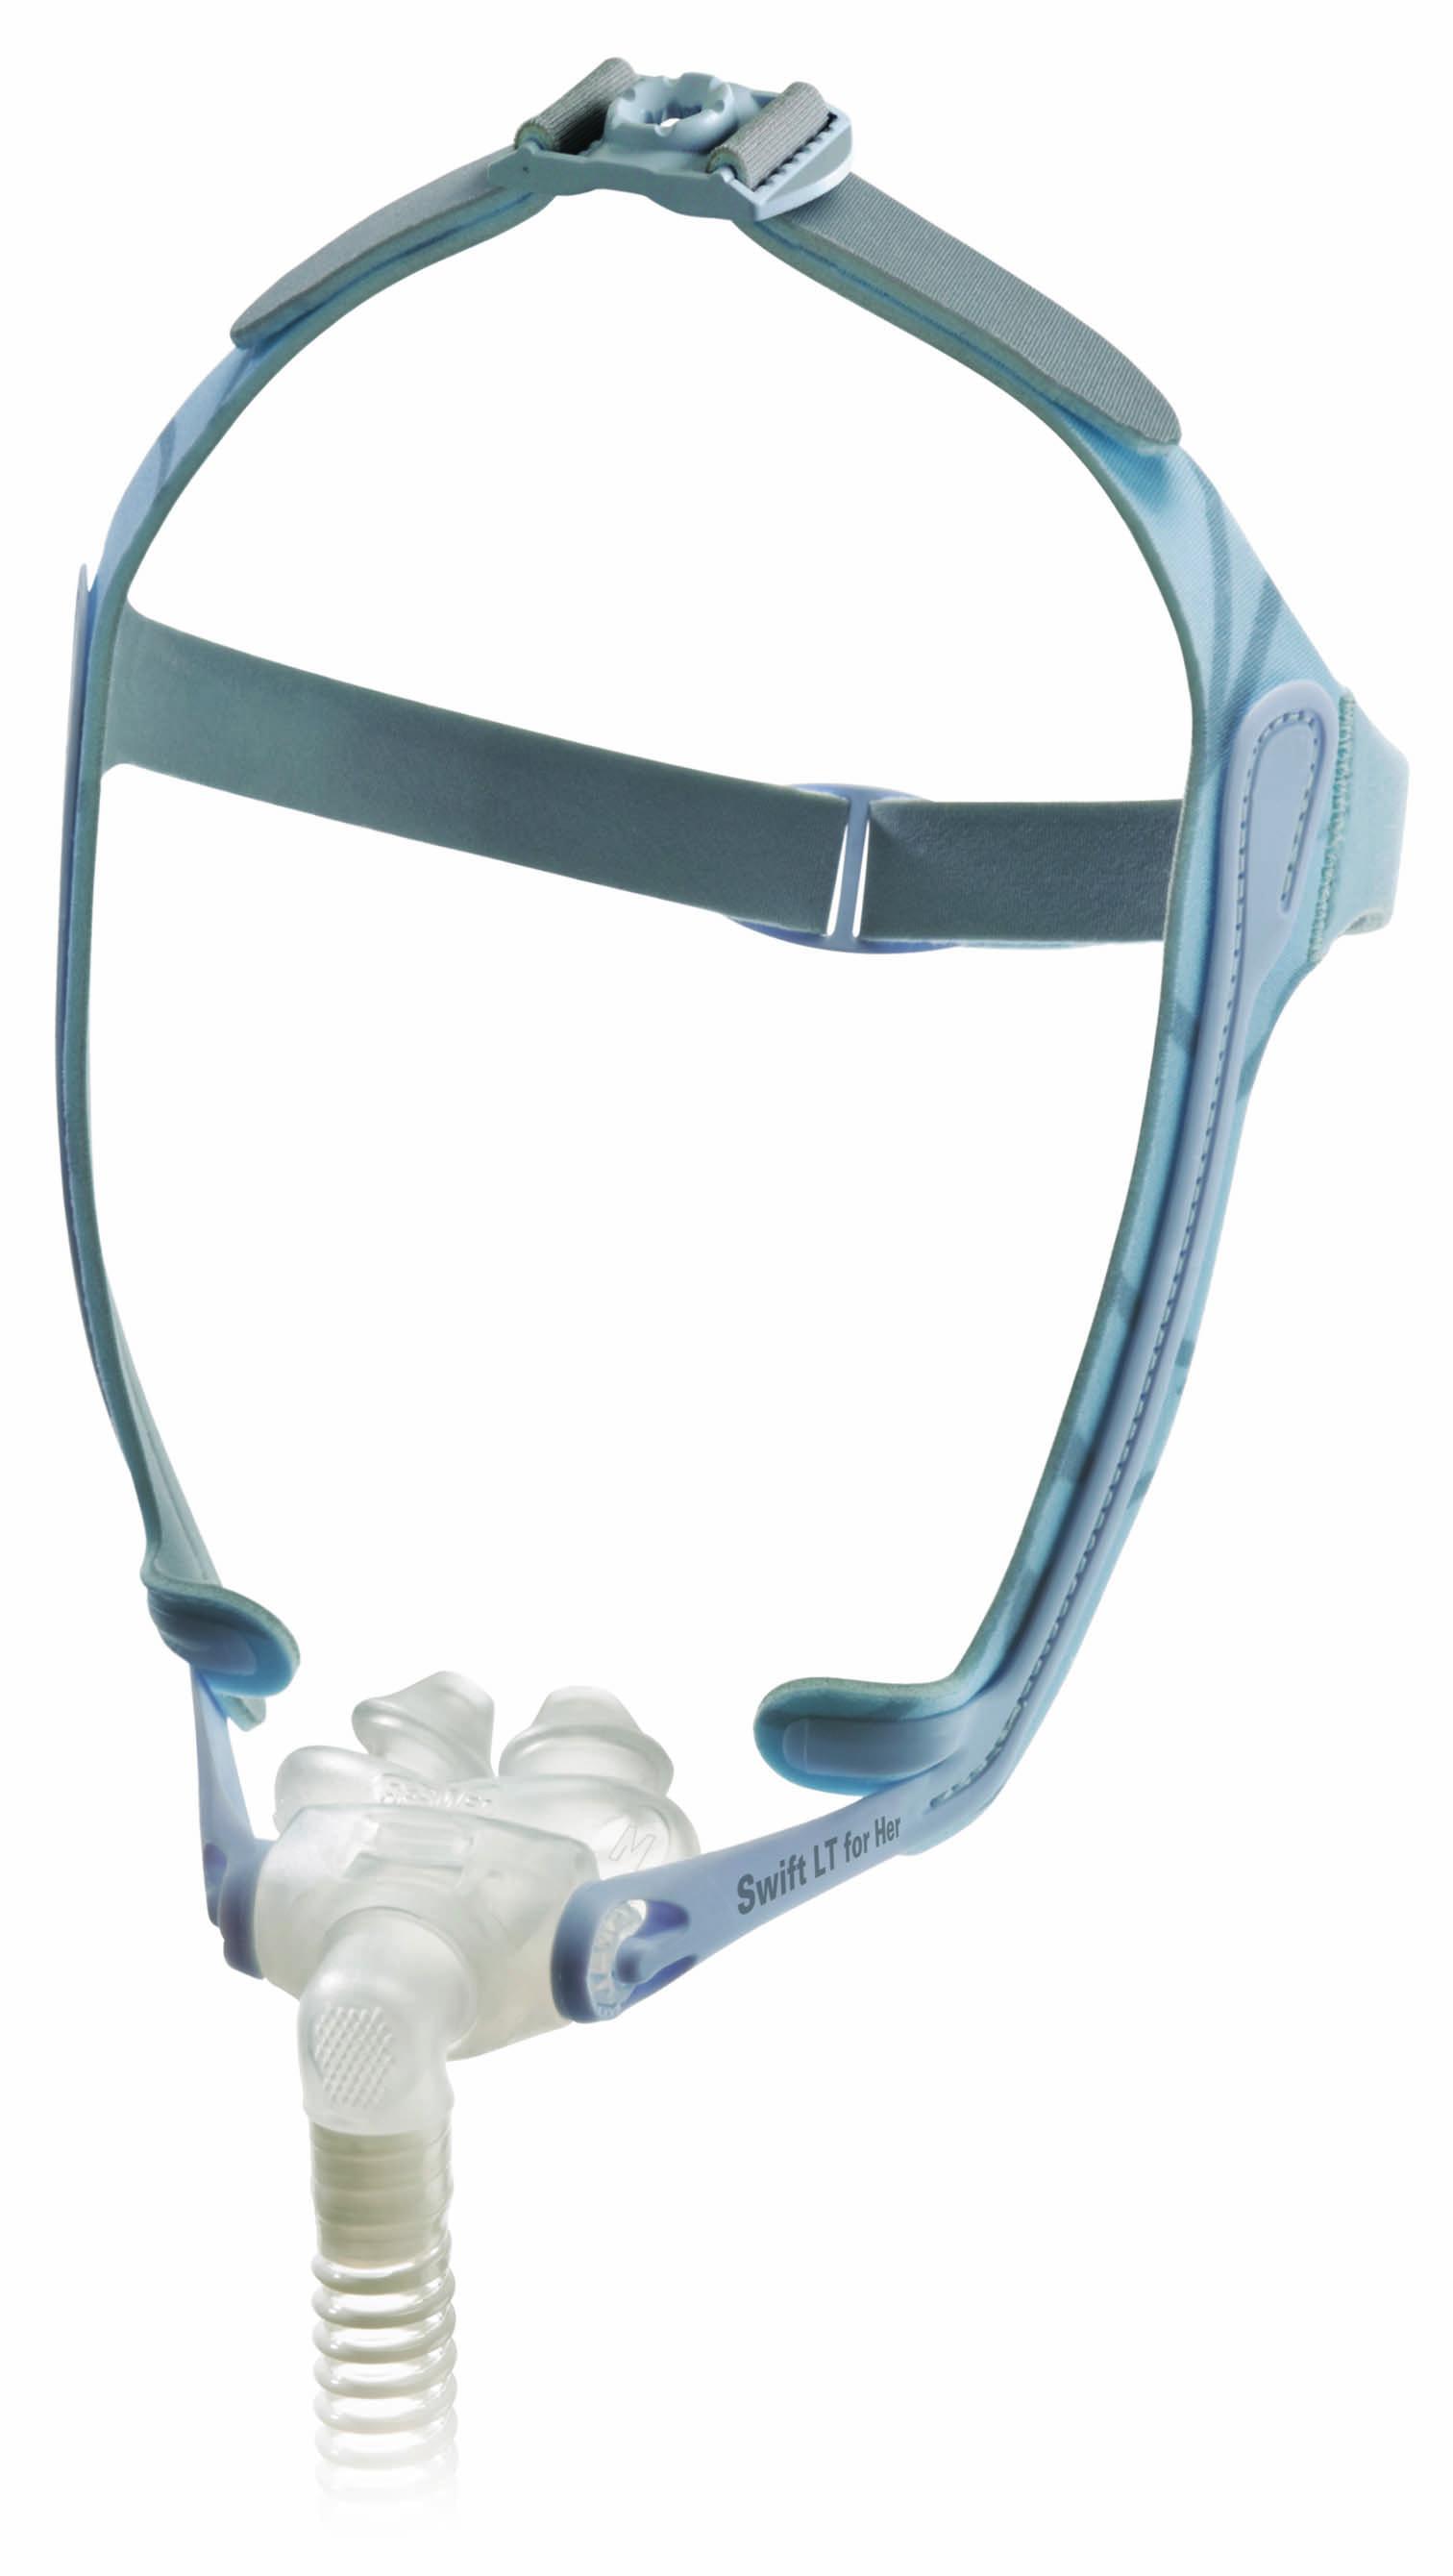 ResMed Swift LT Nasal Pillows Mask